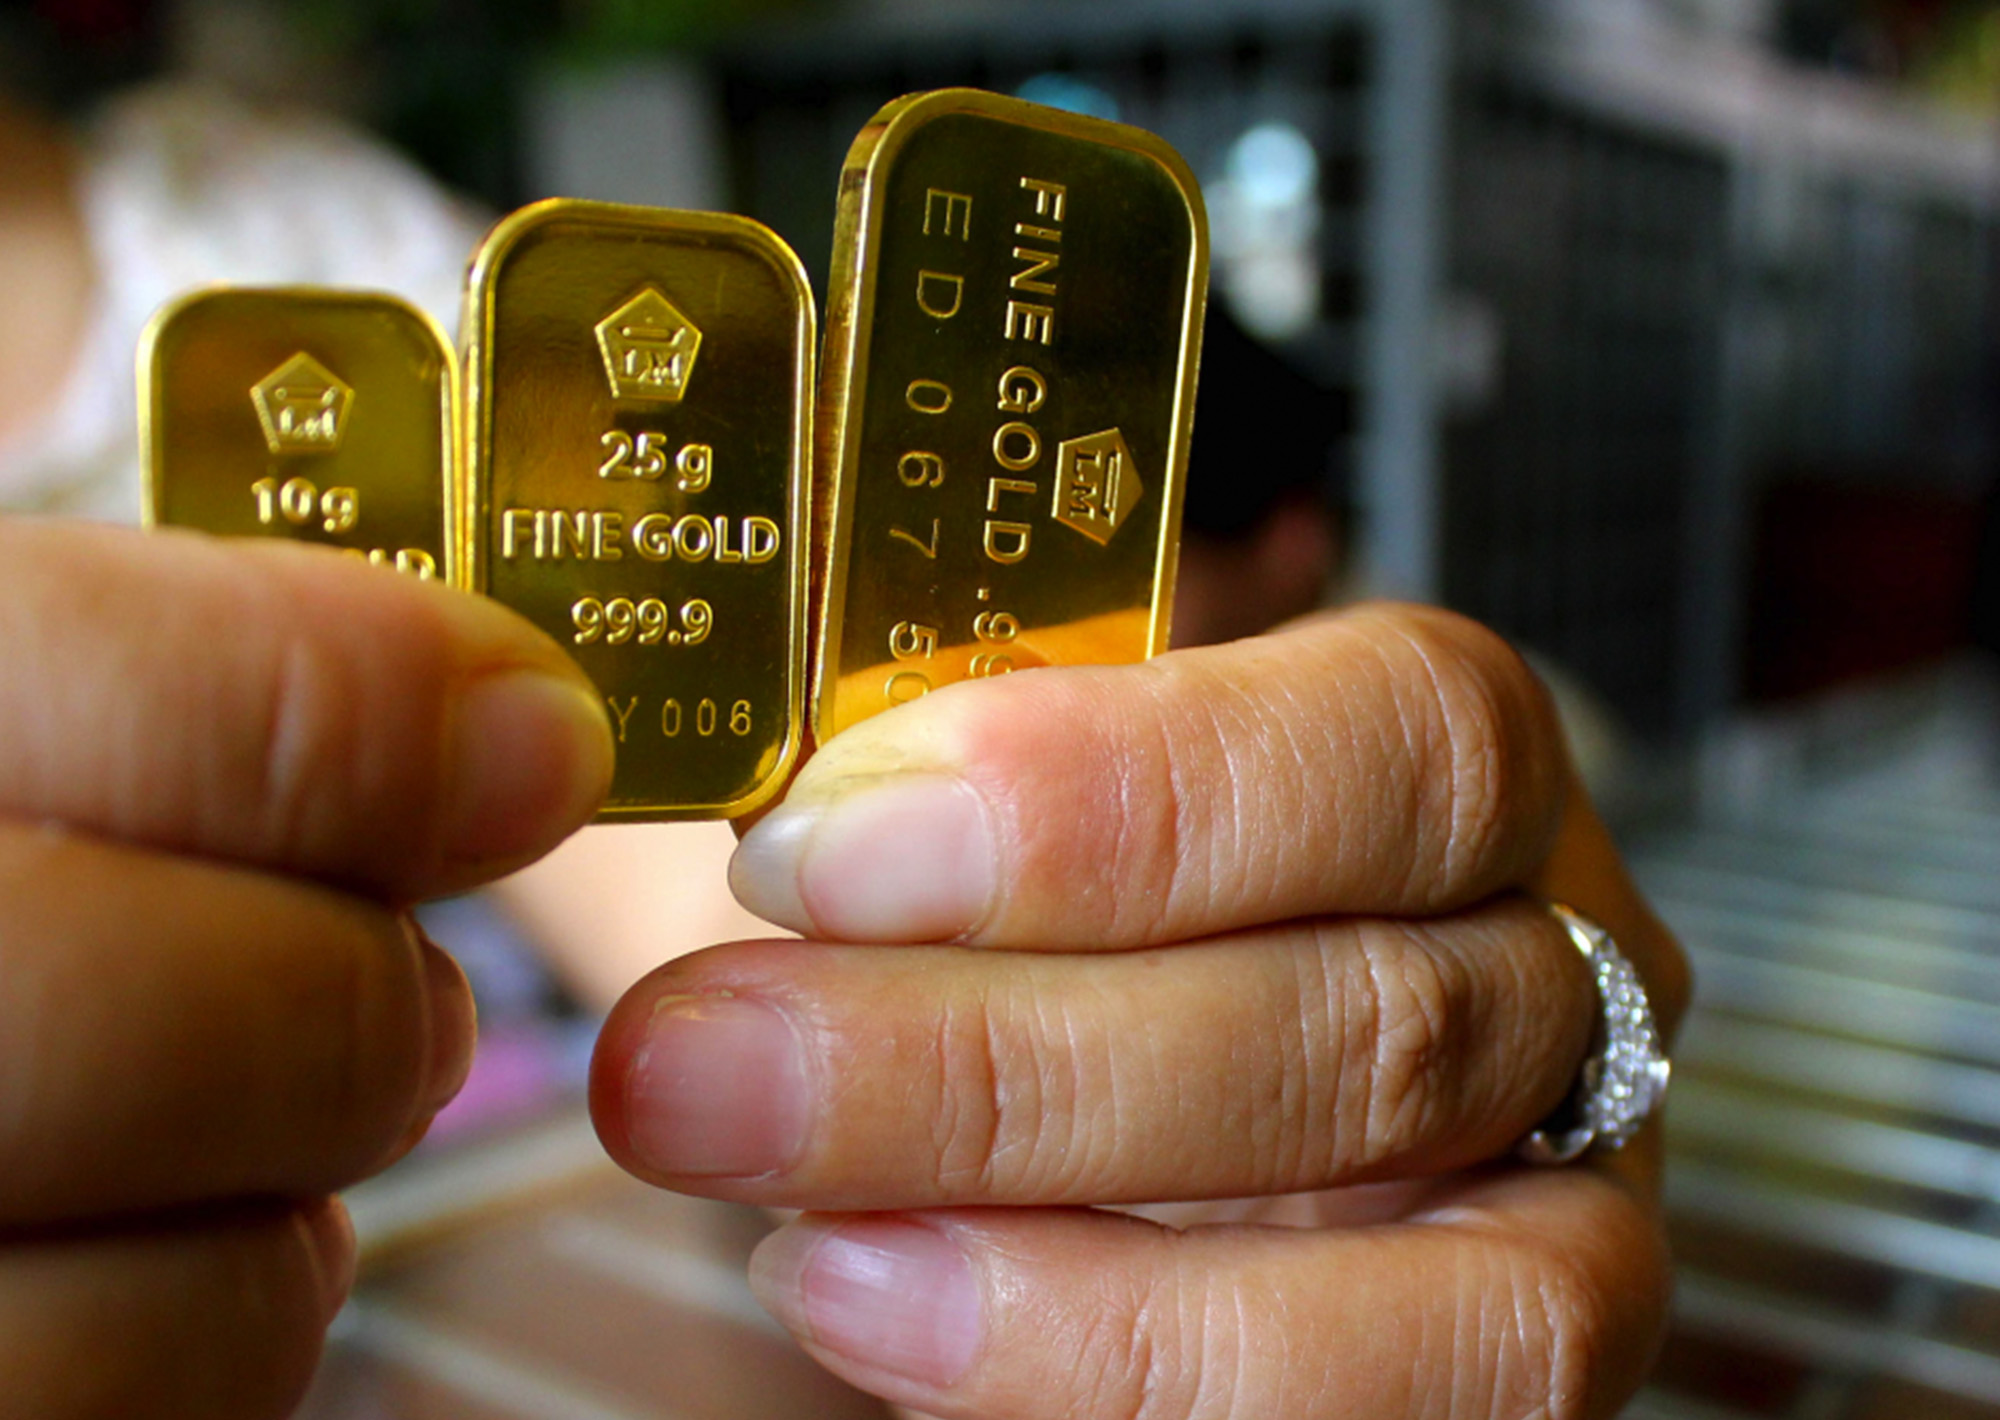 شراء سبائك الذهب من البنك الأهلي التجاري